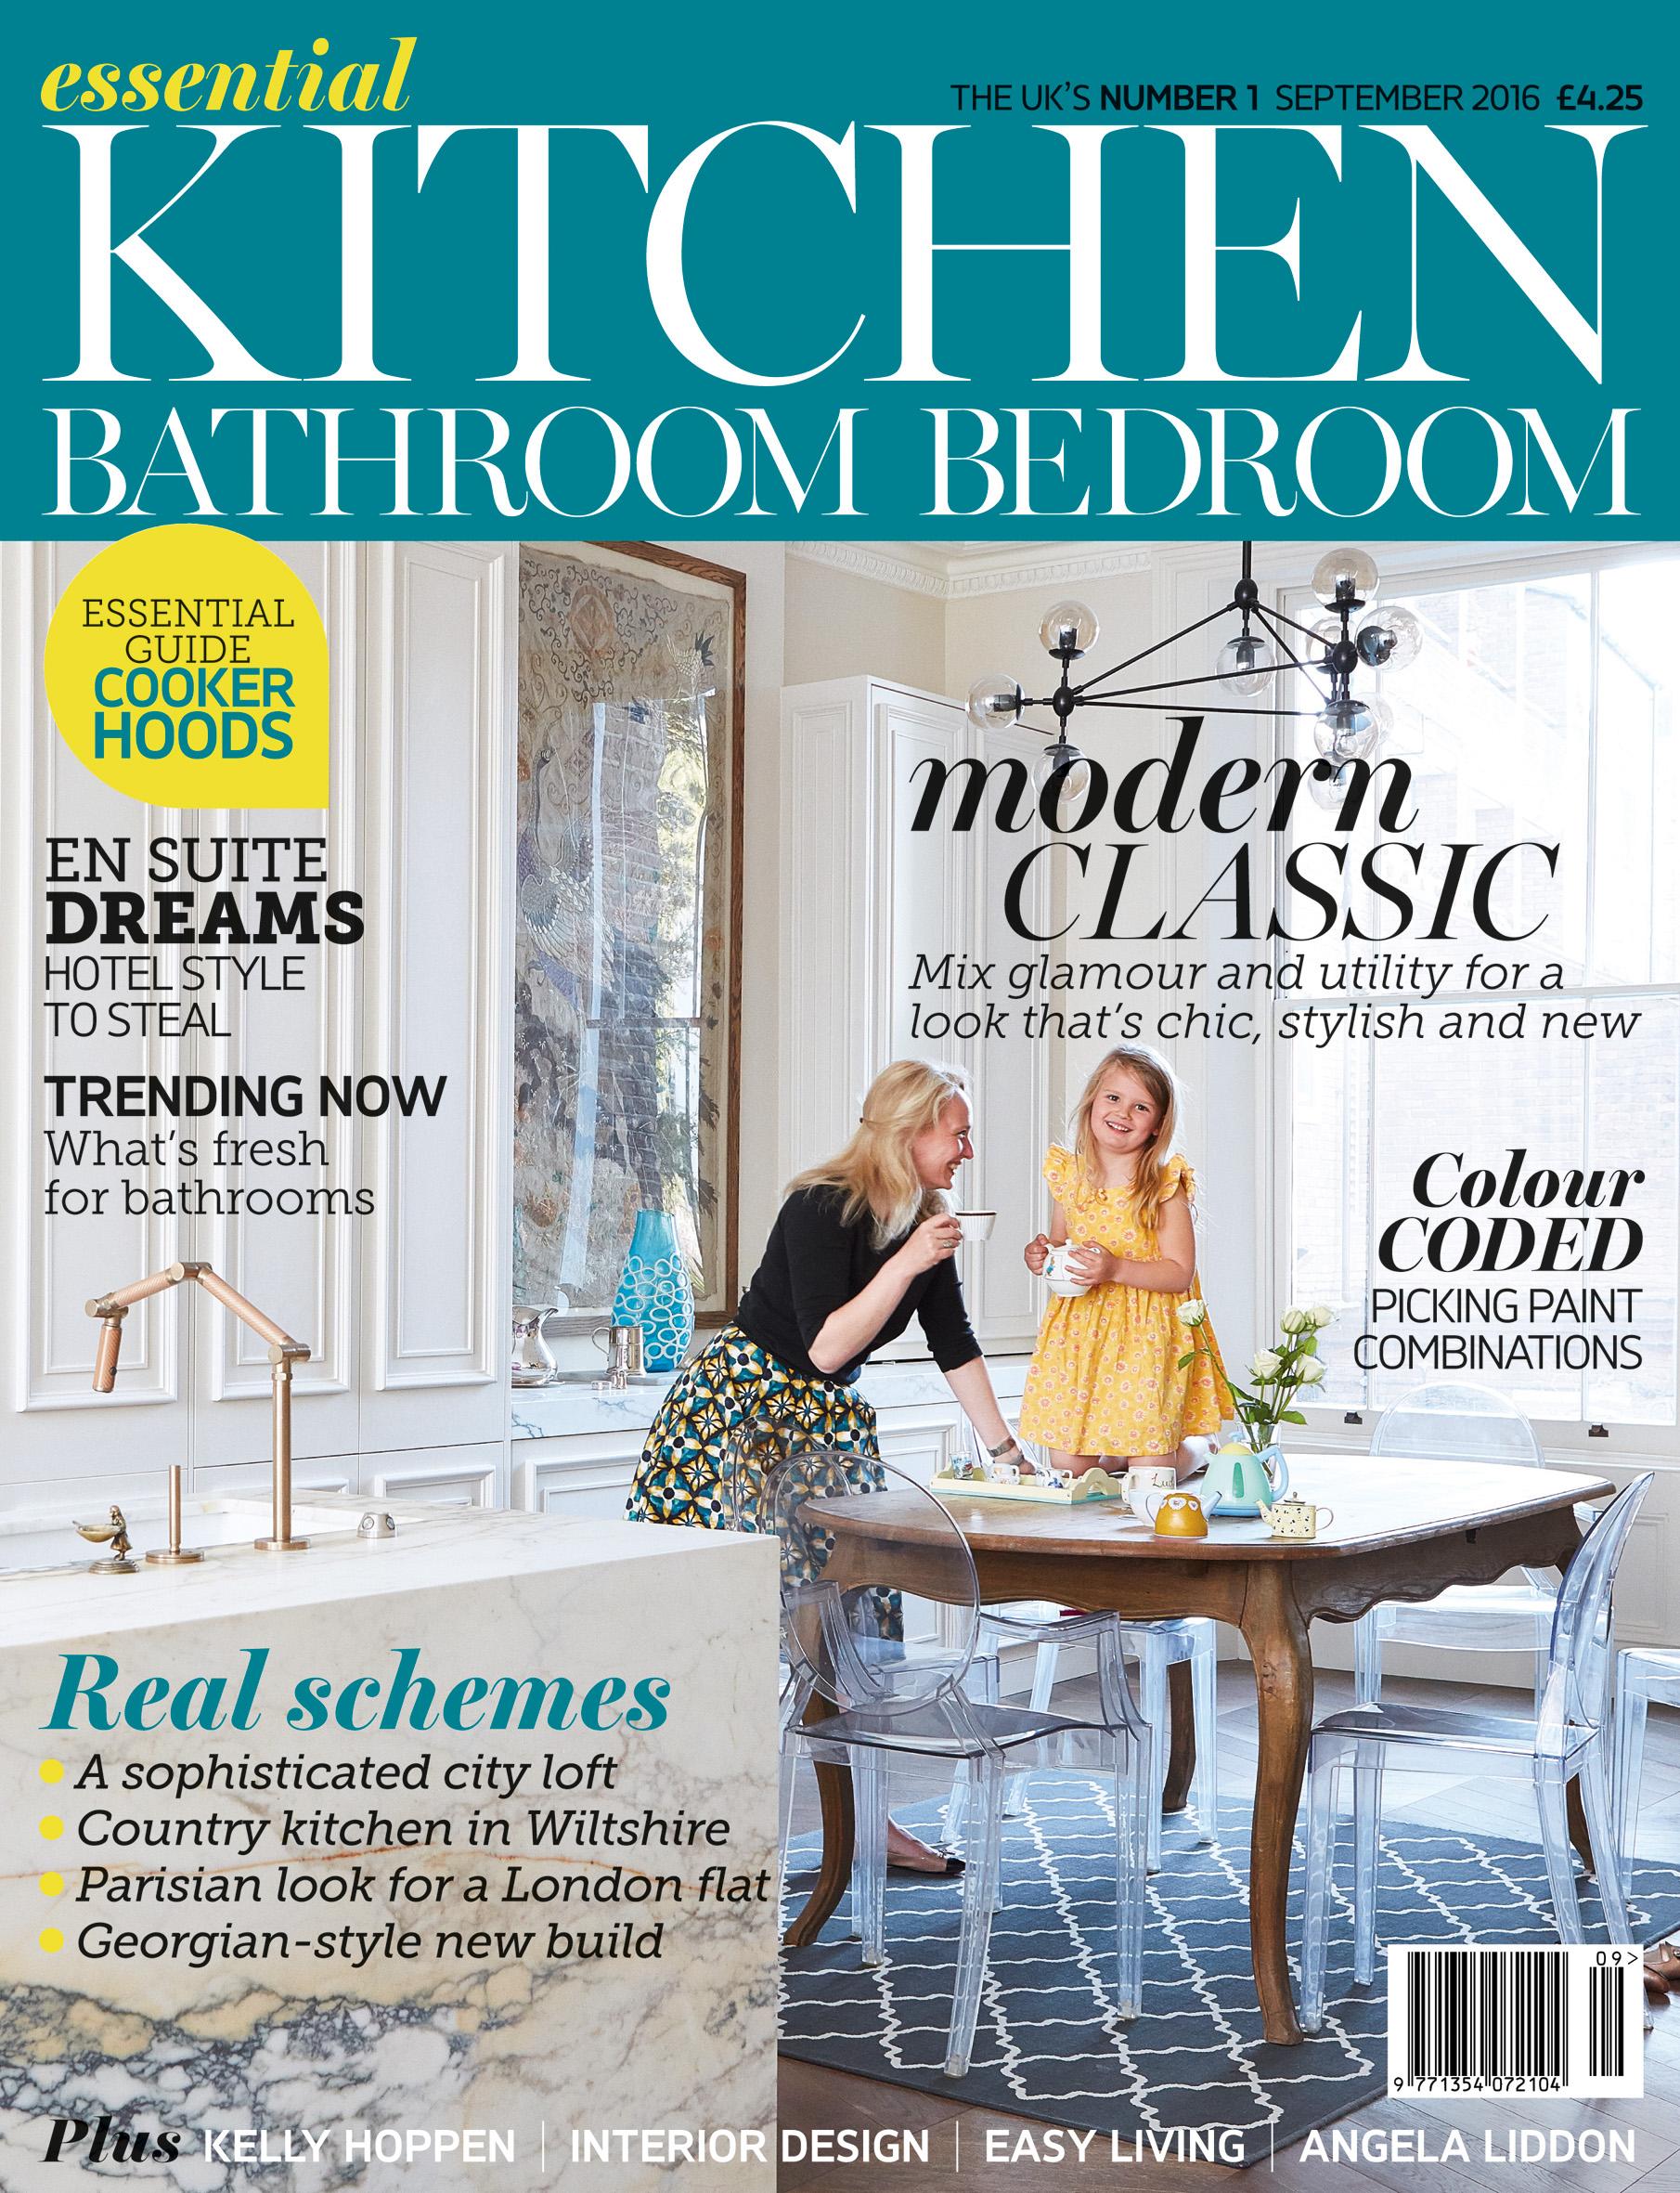 EKBB magazine cover September 2016